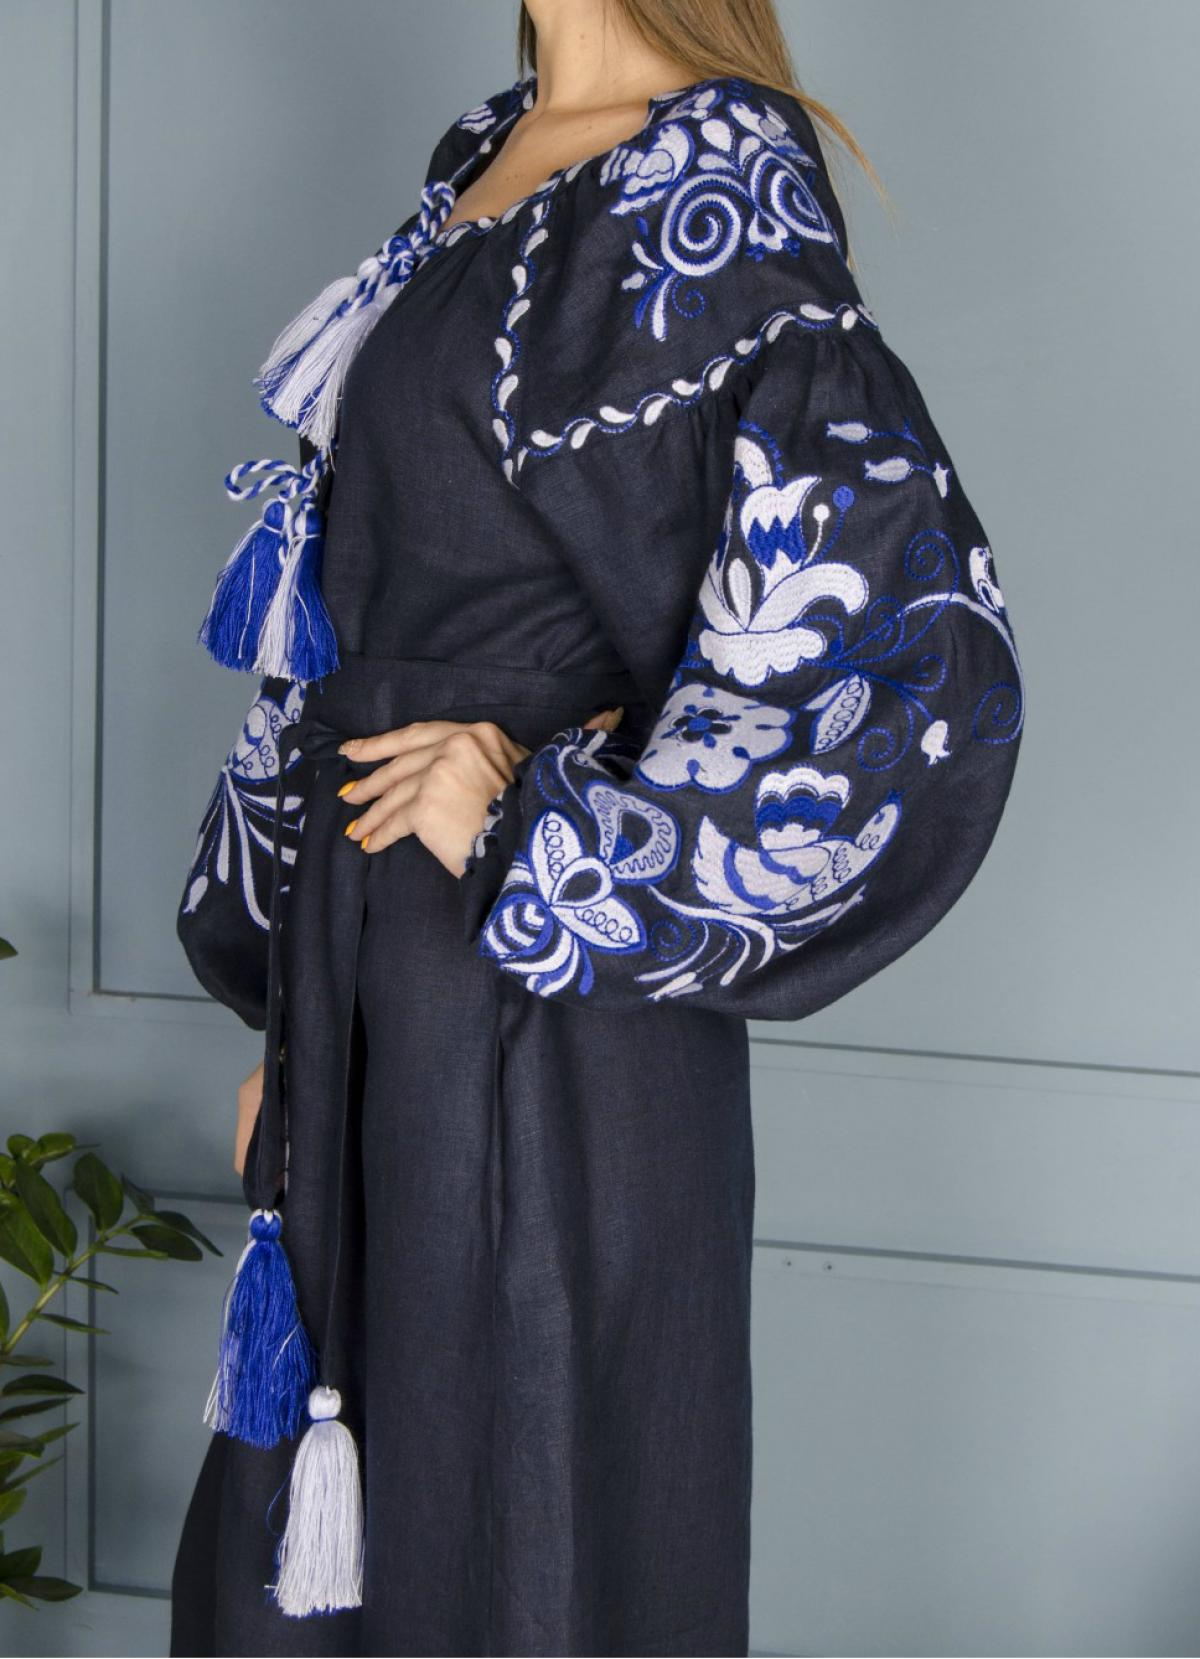 Довга синя лляна сукня з білим орнаментом. Фото №3. | Народний дім Україна